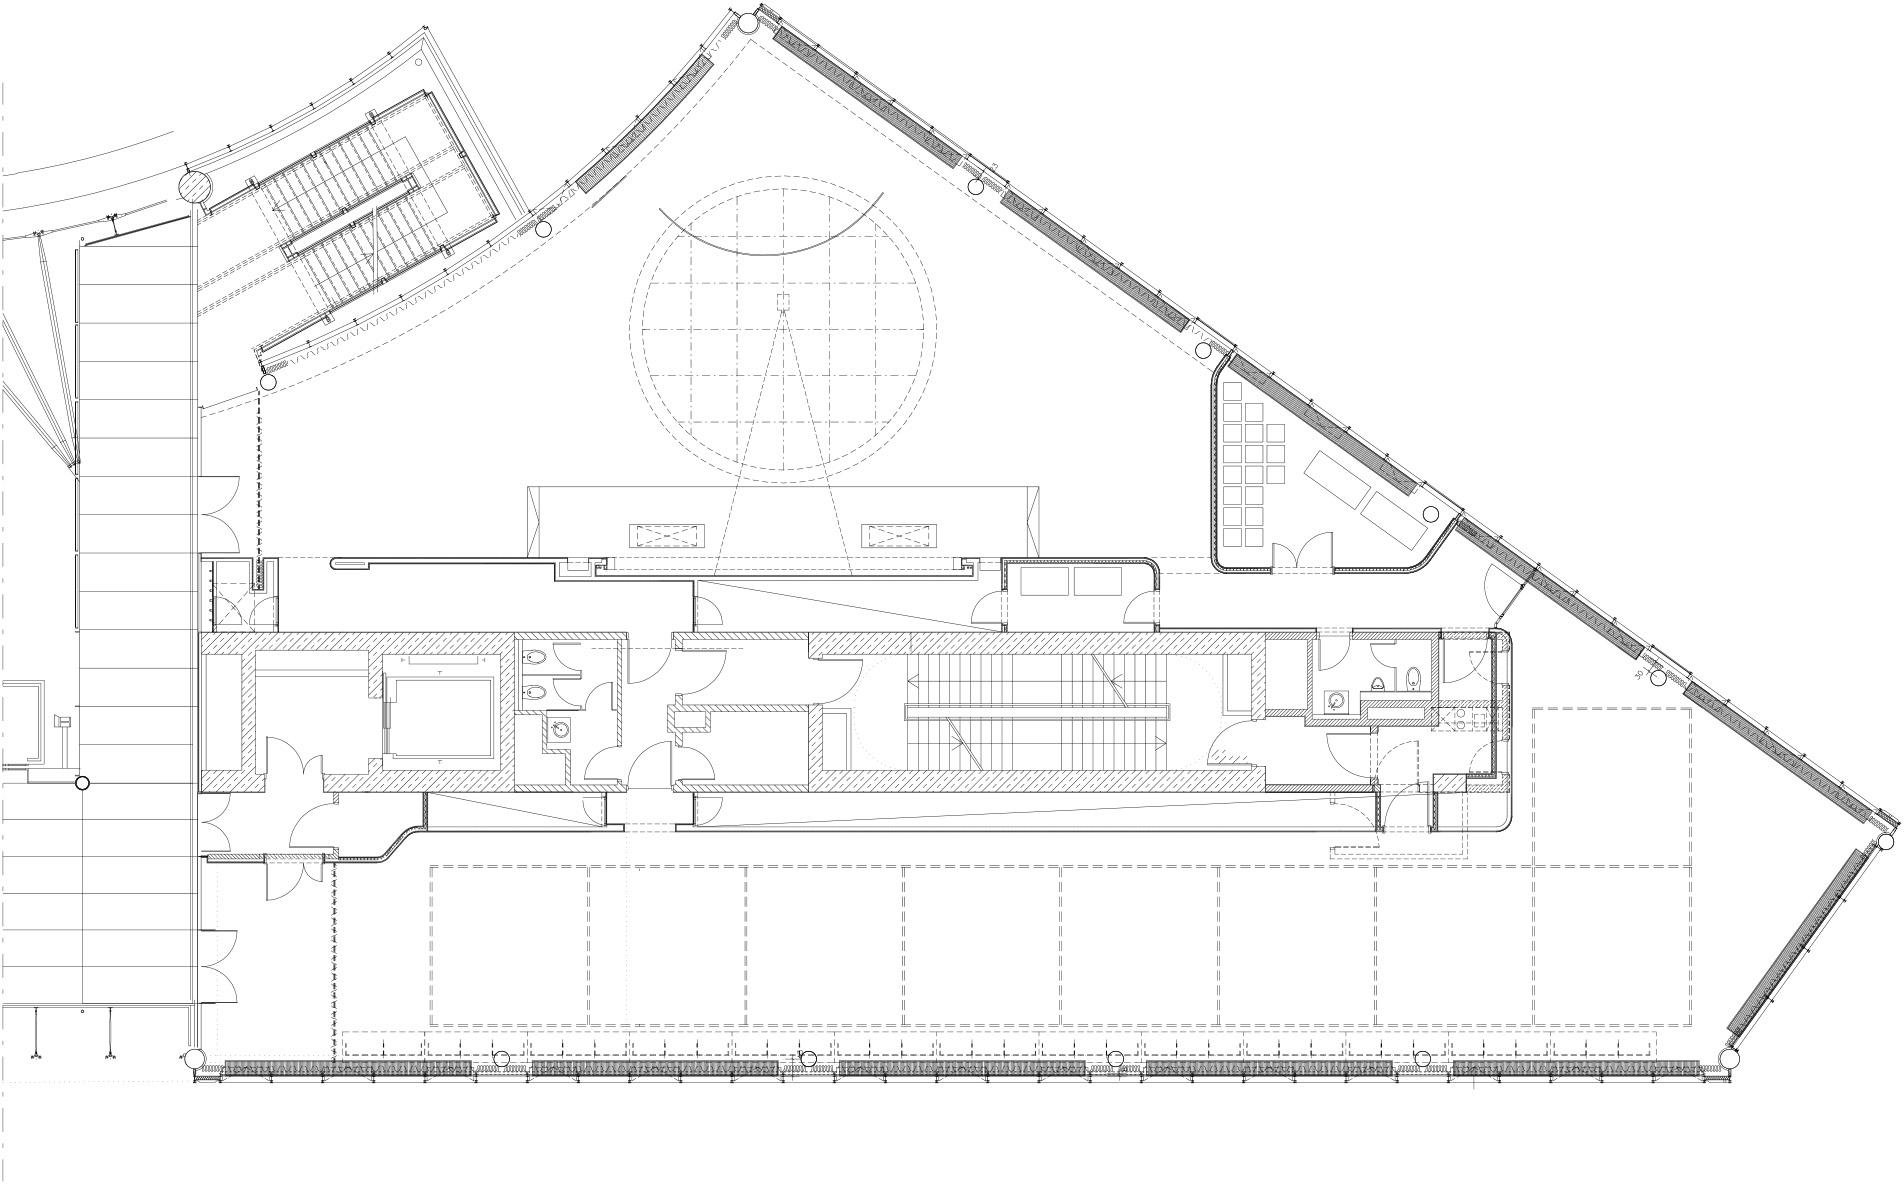 Grundriss drittes von insgesamt 3 Teilgeschossen